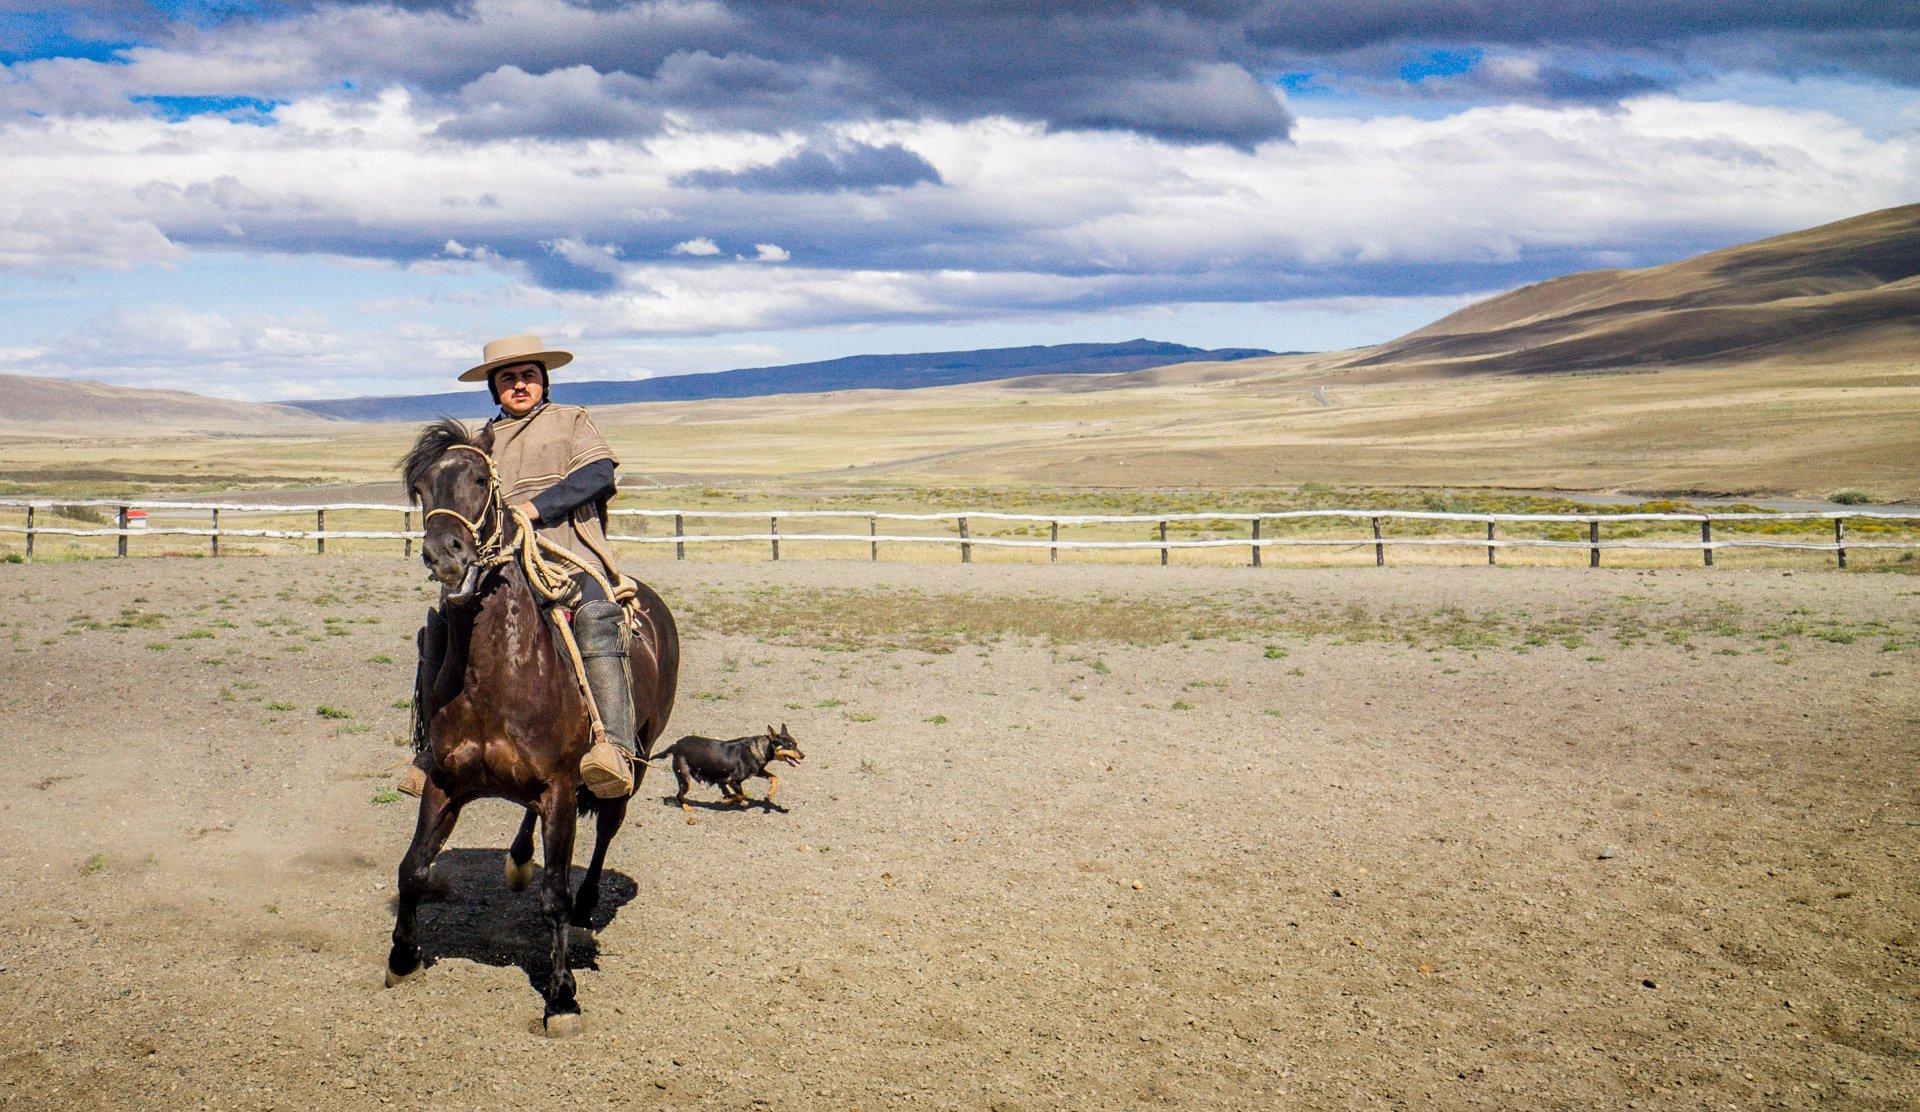 Die Viehzucht und die Arbeit mit Pferden prägt das ländliche Argentinien. Quelle: Viventura